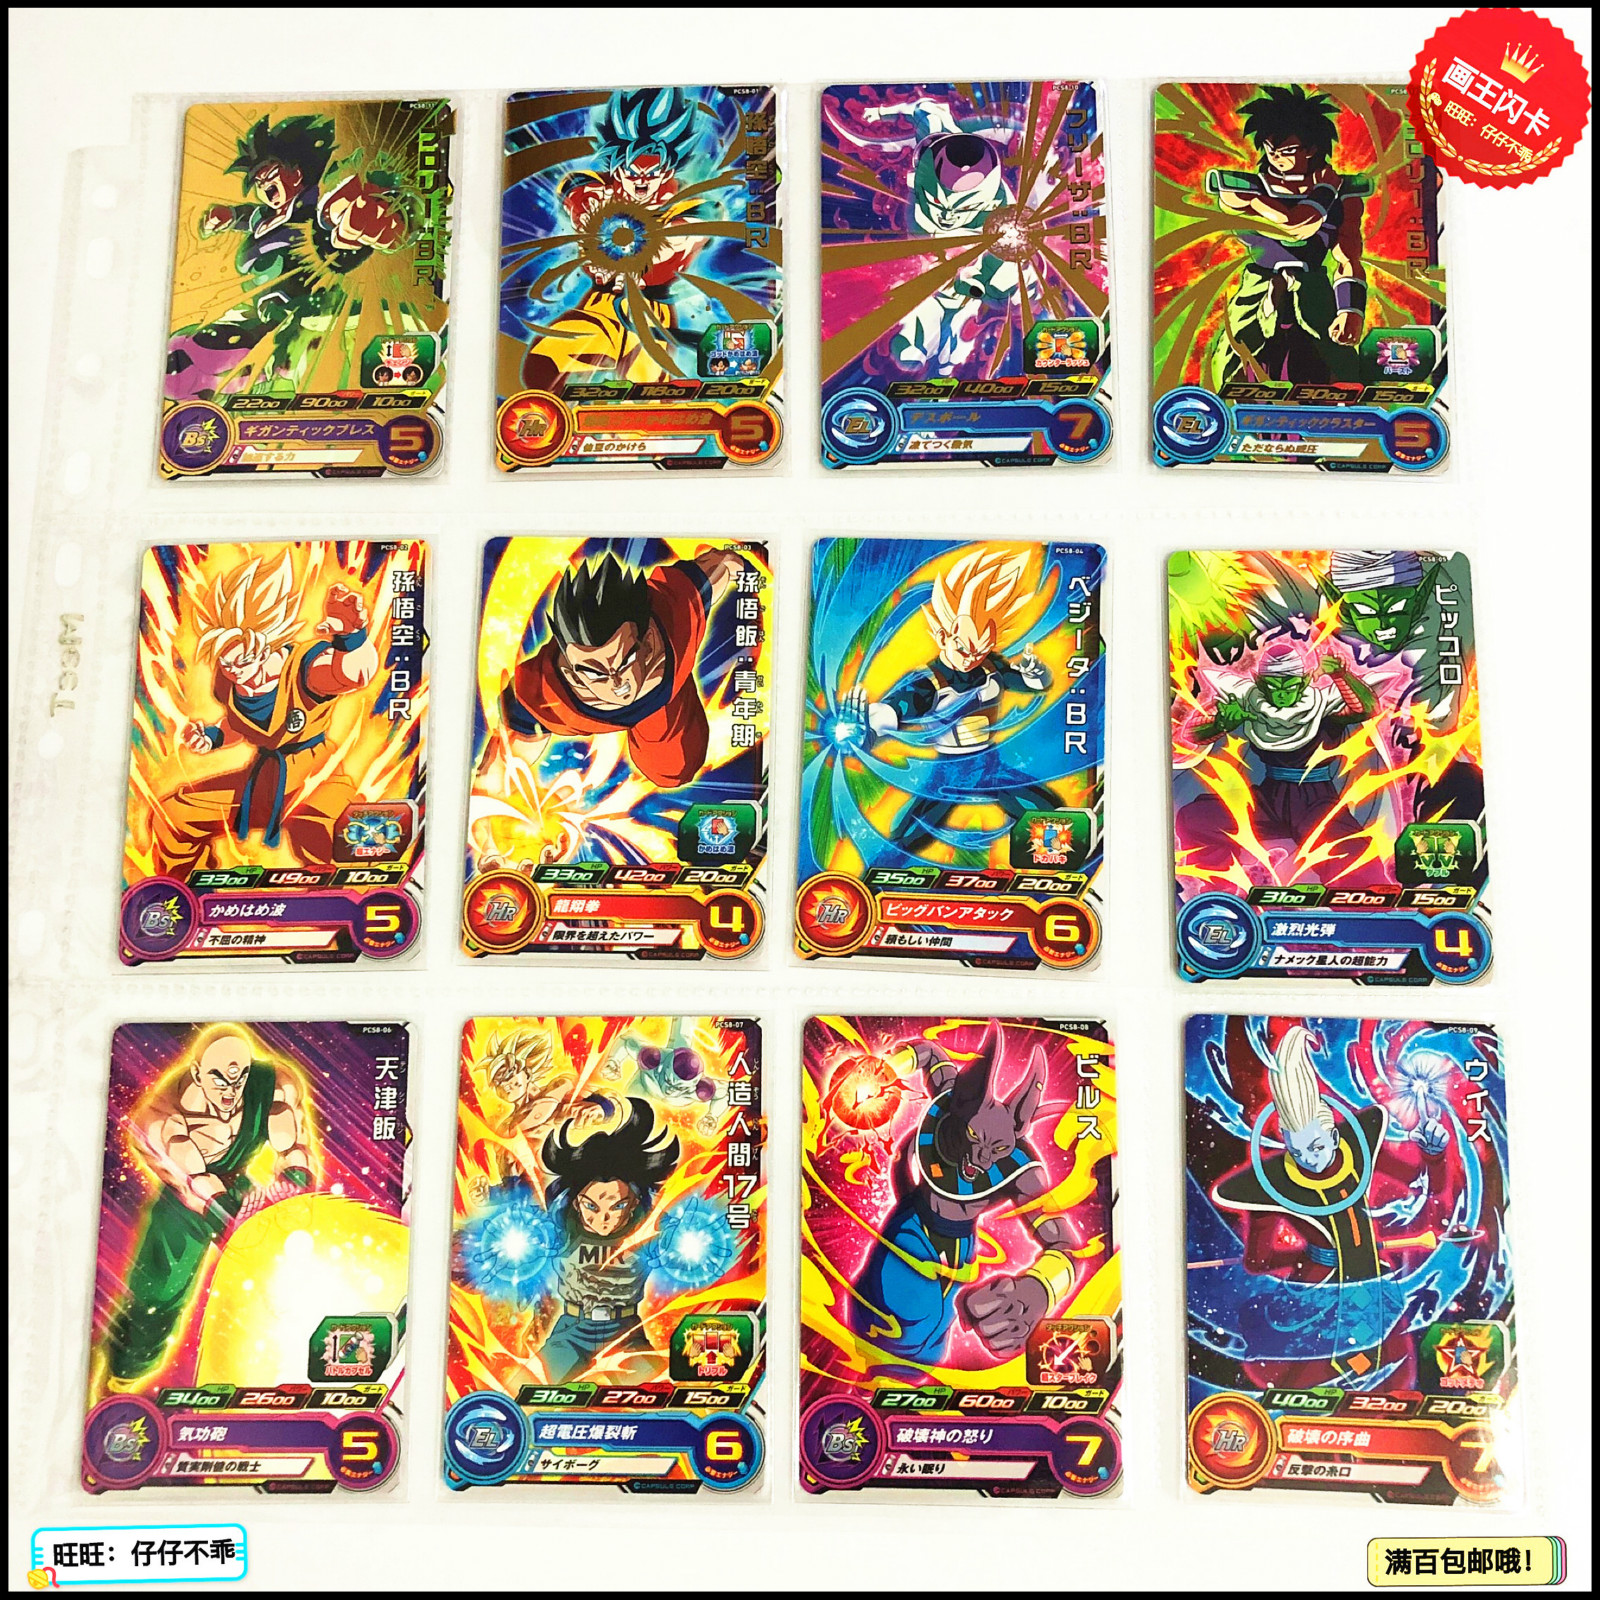 Japan Original Dragon Ball Hero PCS8 Broli God Super Saiyan Goku Toys Hobbies Collectibles Game Collection Anime Cards